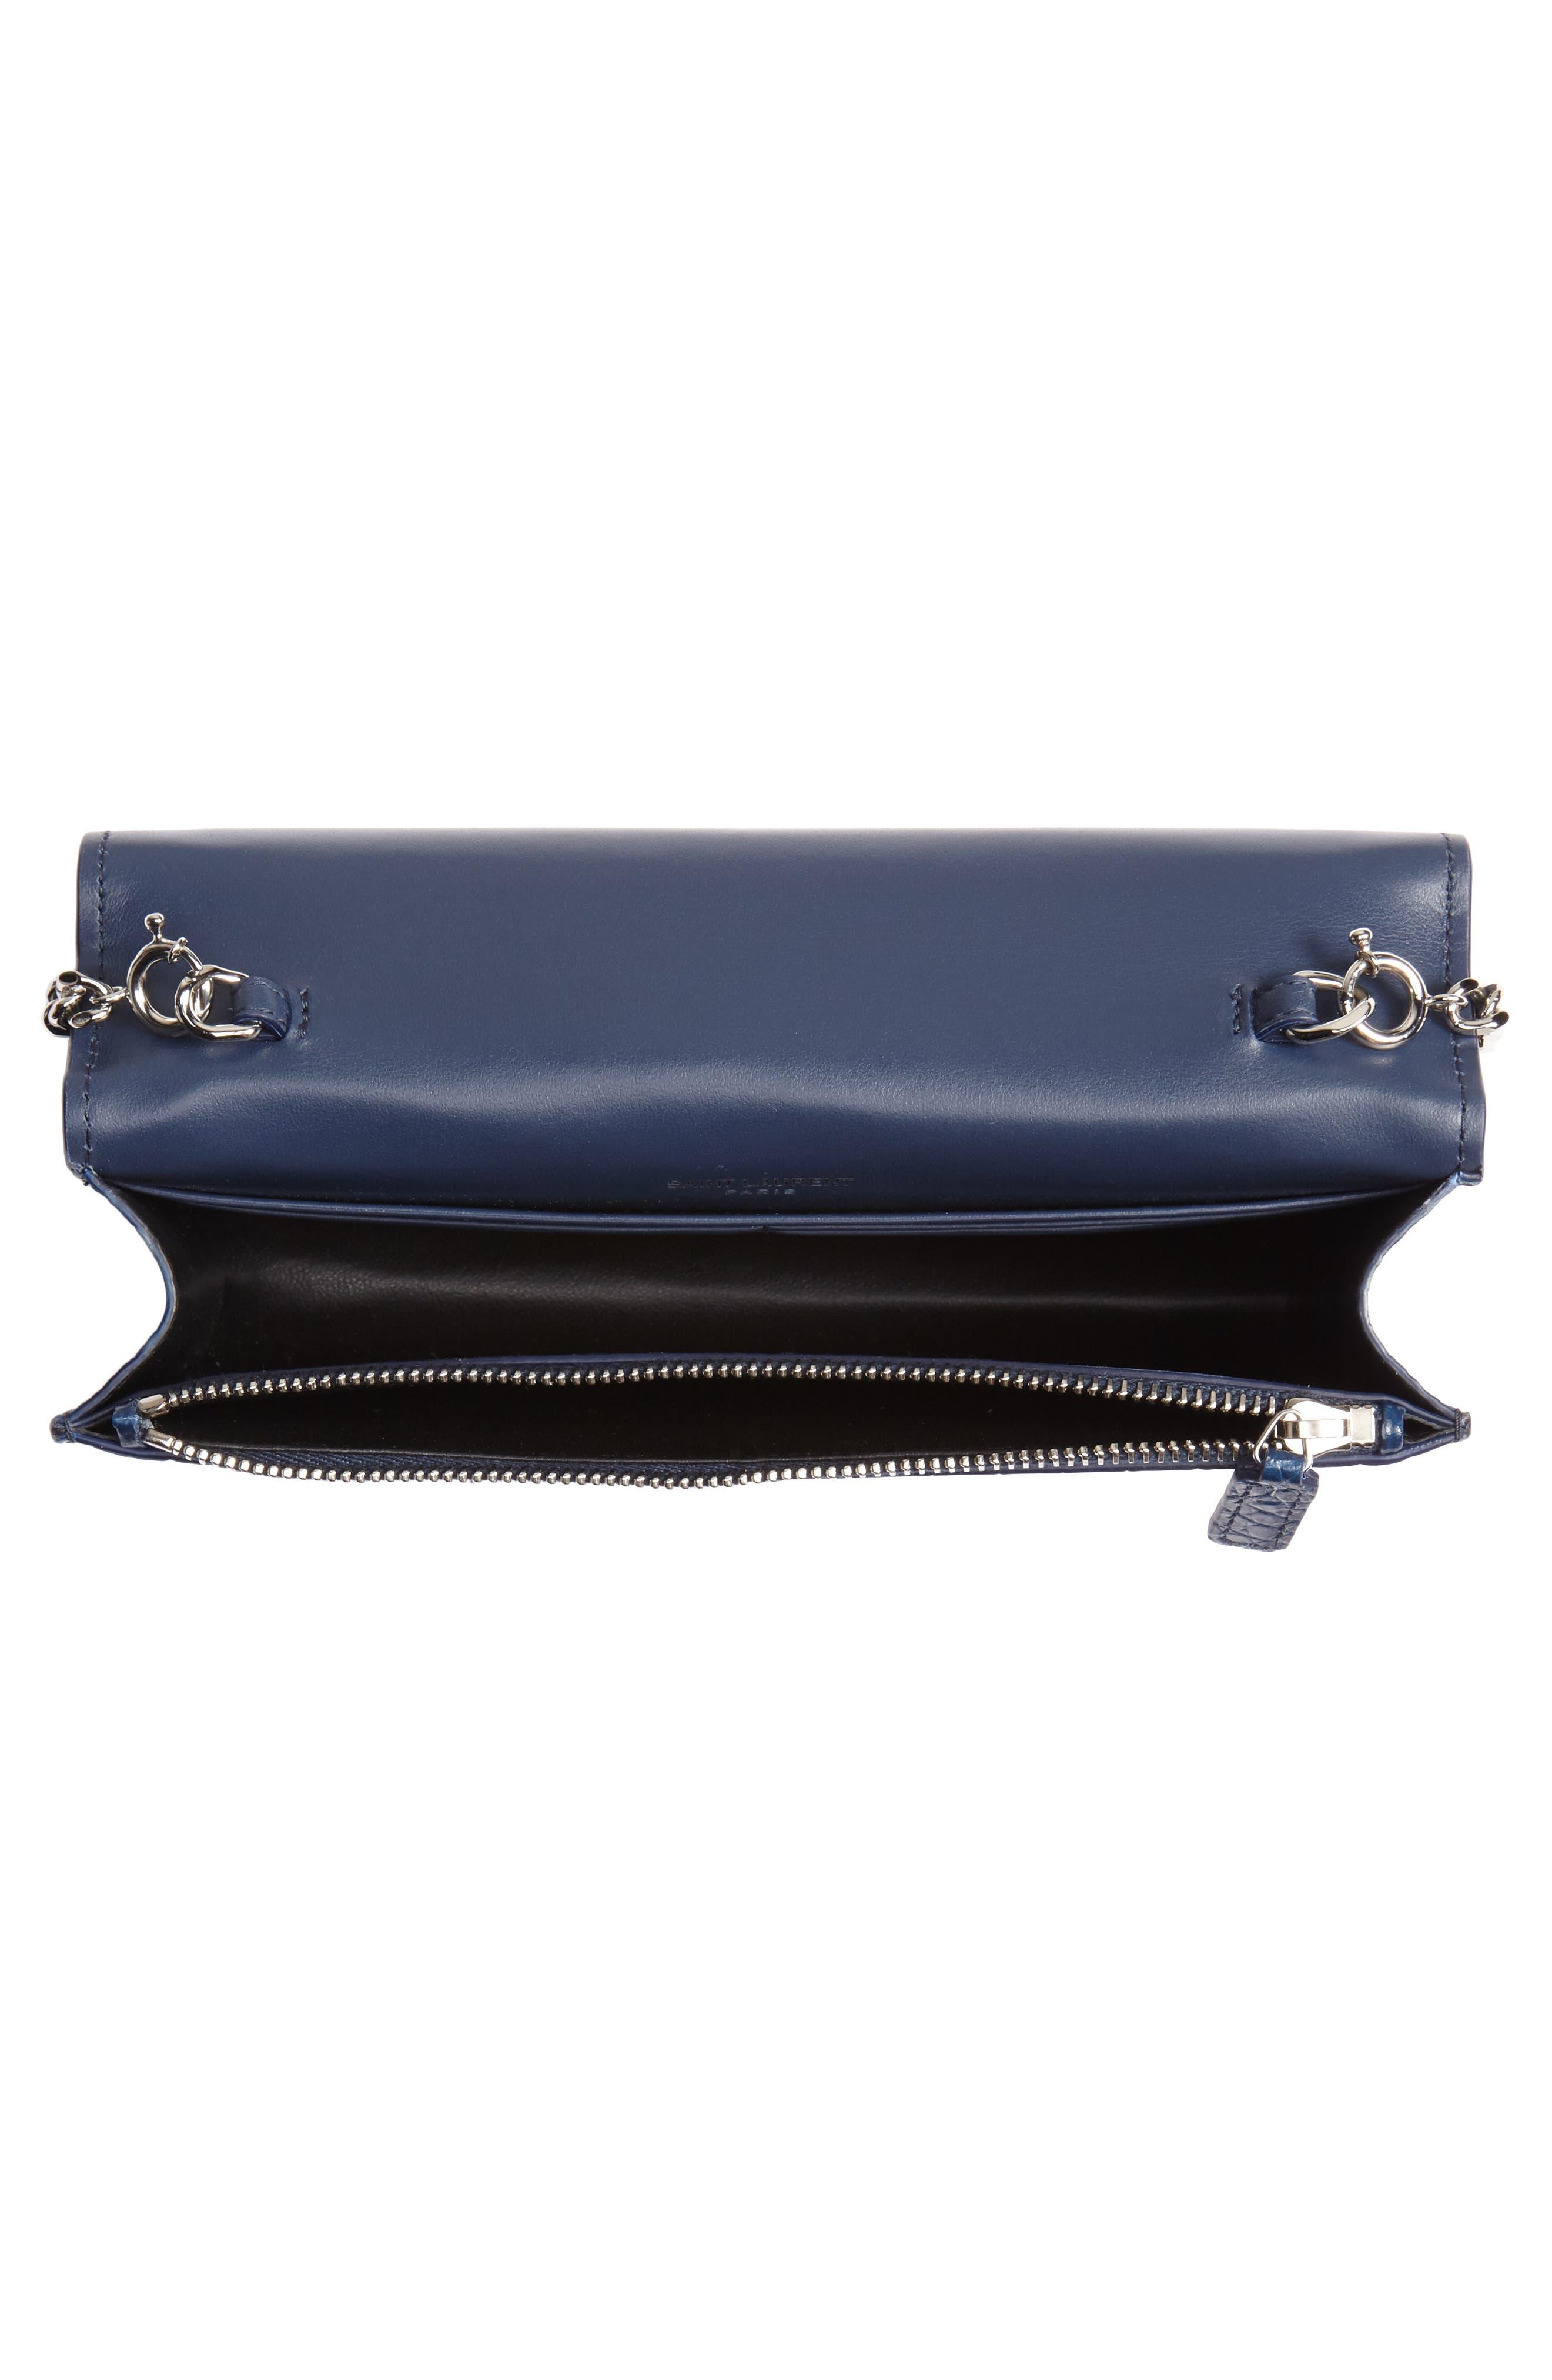 SAINT LAURENT, Kate Croc Embossed Leather Wallet on a Chain, Alternate thumbnail 5, color, DENIM BLUE/ DENIM BLUE